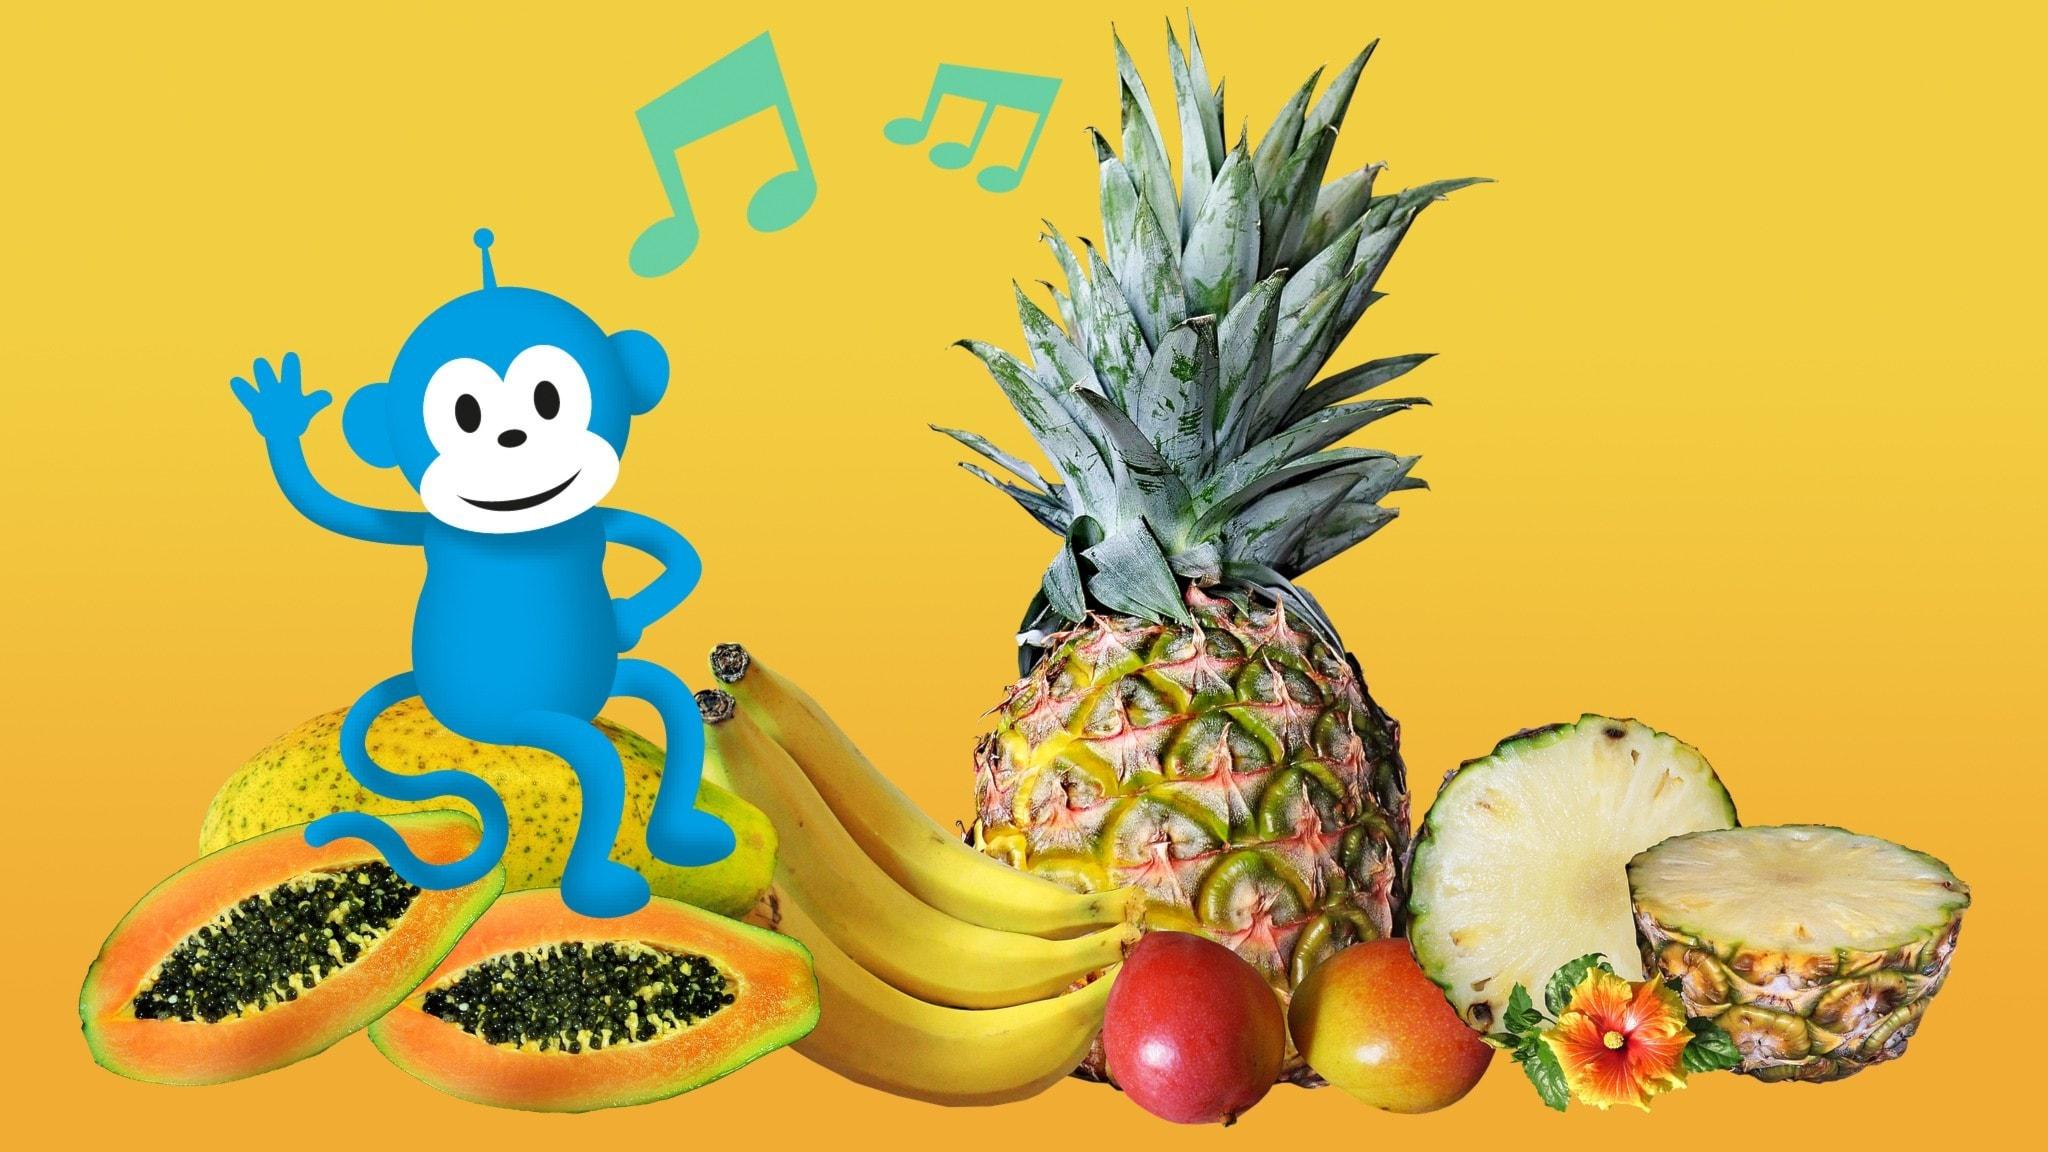 Radioapan med ett gäng frukter - ananas, bananer, papaya och mango.